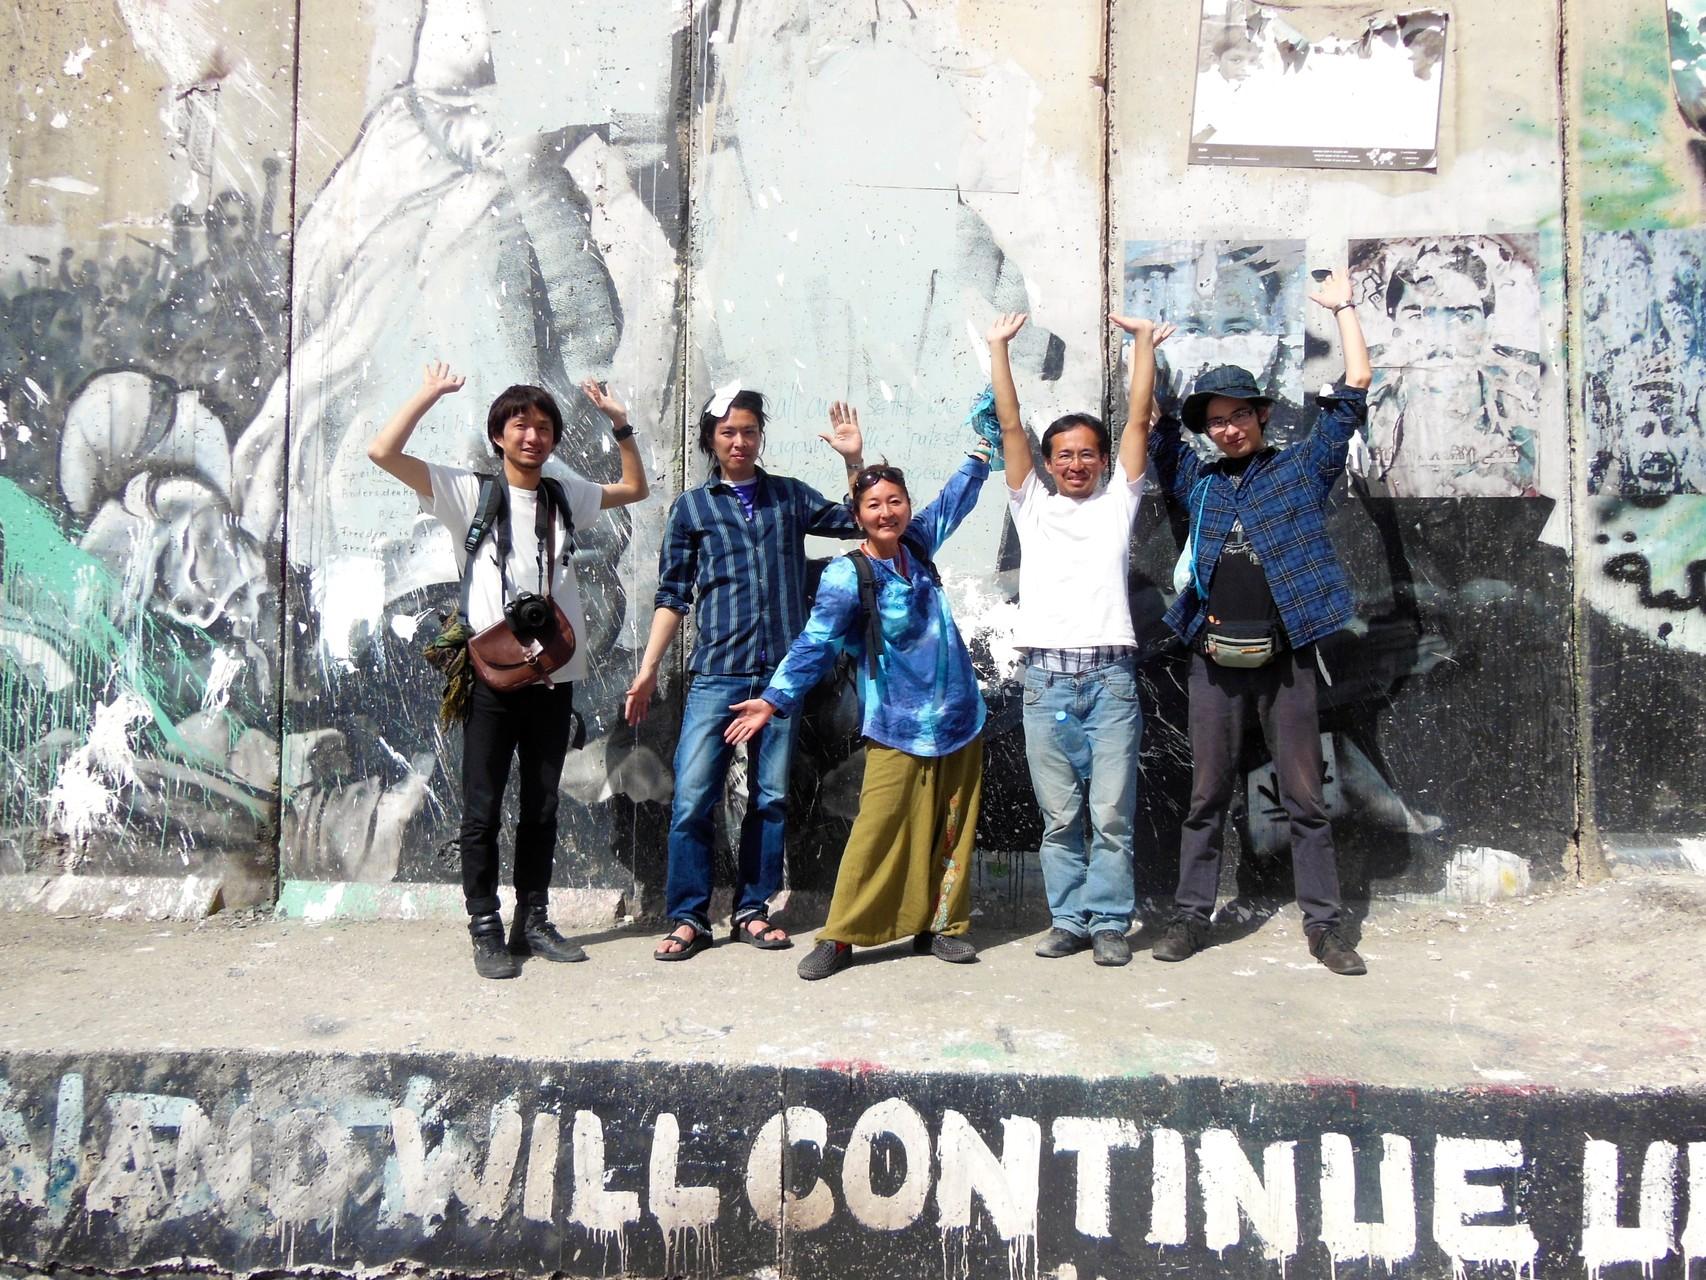 イスラエルとパレスチナ自治区のボーダー